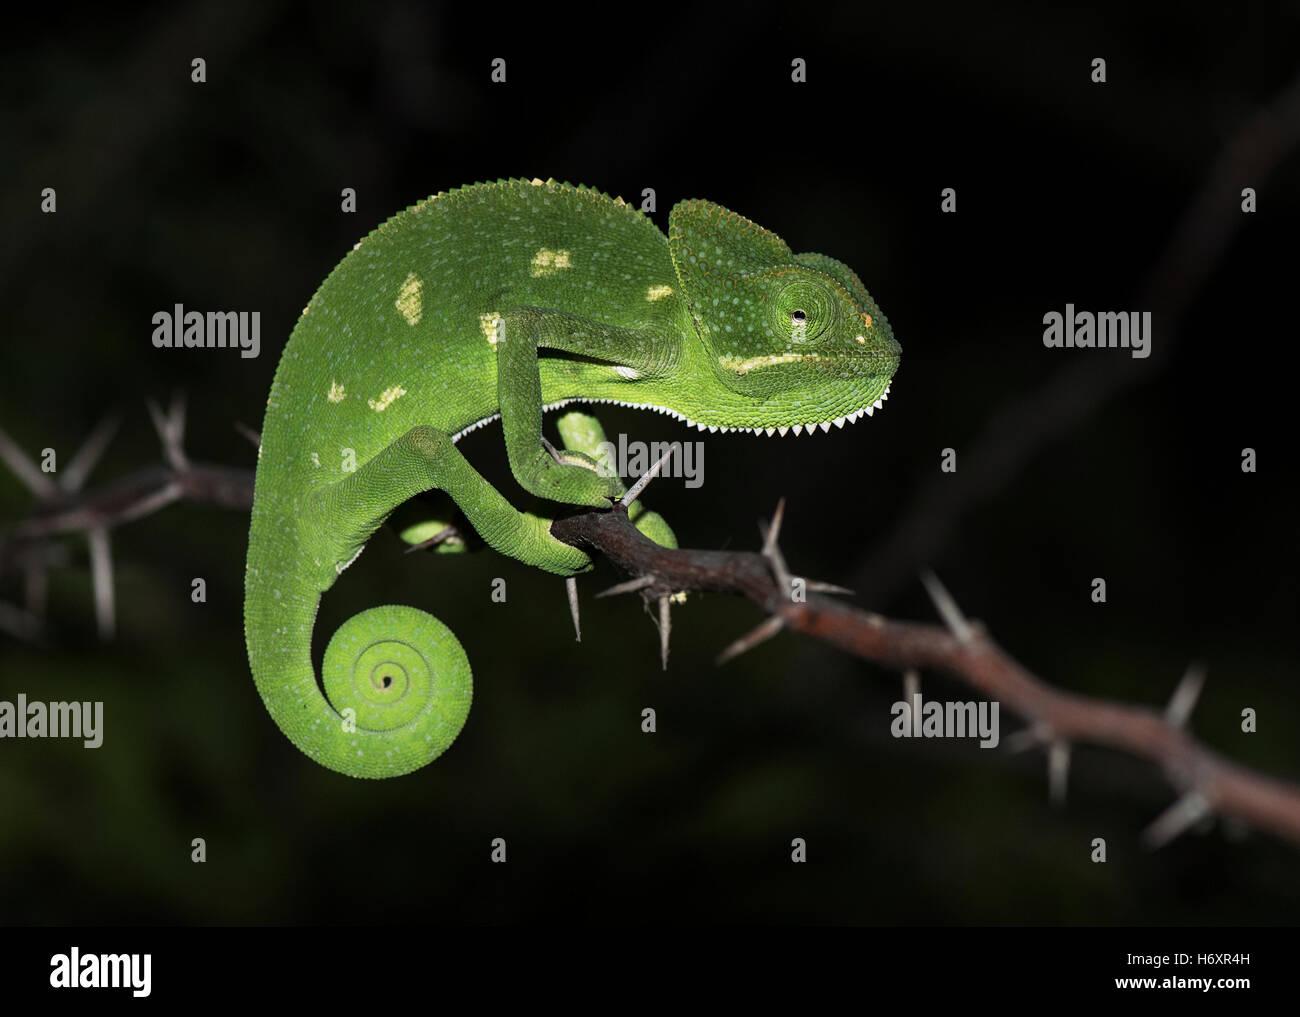 The image of Chameleon ( Chamaeleo zeylanicus) was taken near Pune, India - Stock Image